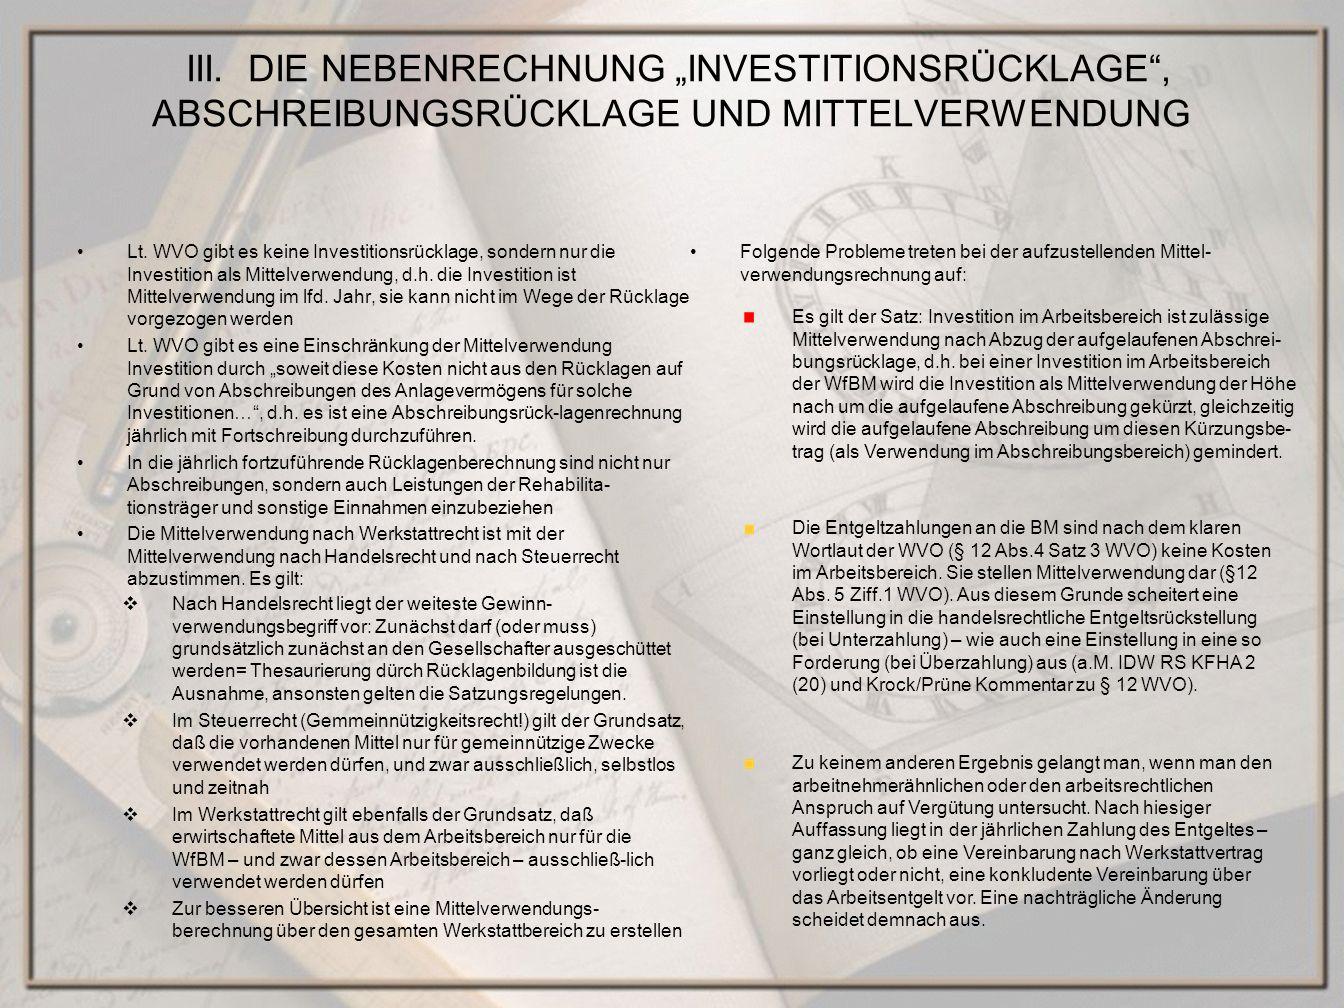 Lt. WVO gibt es keine Investitionsrücklage, sondern nur die Investition als Mittelverwendung, d.h. die Investition ist Mittelverwendung im lfd. Jahr,